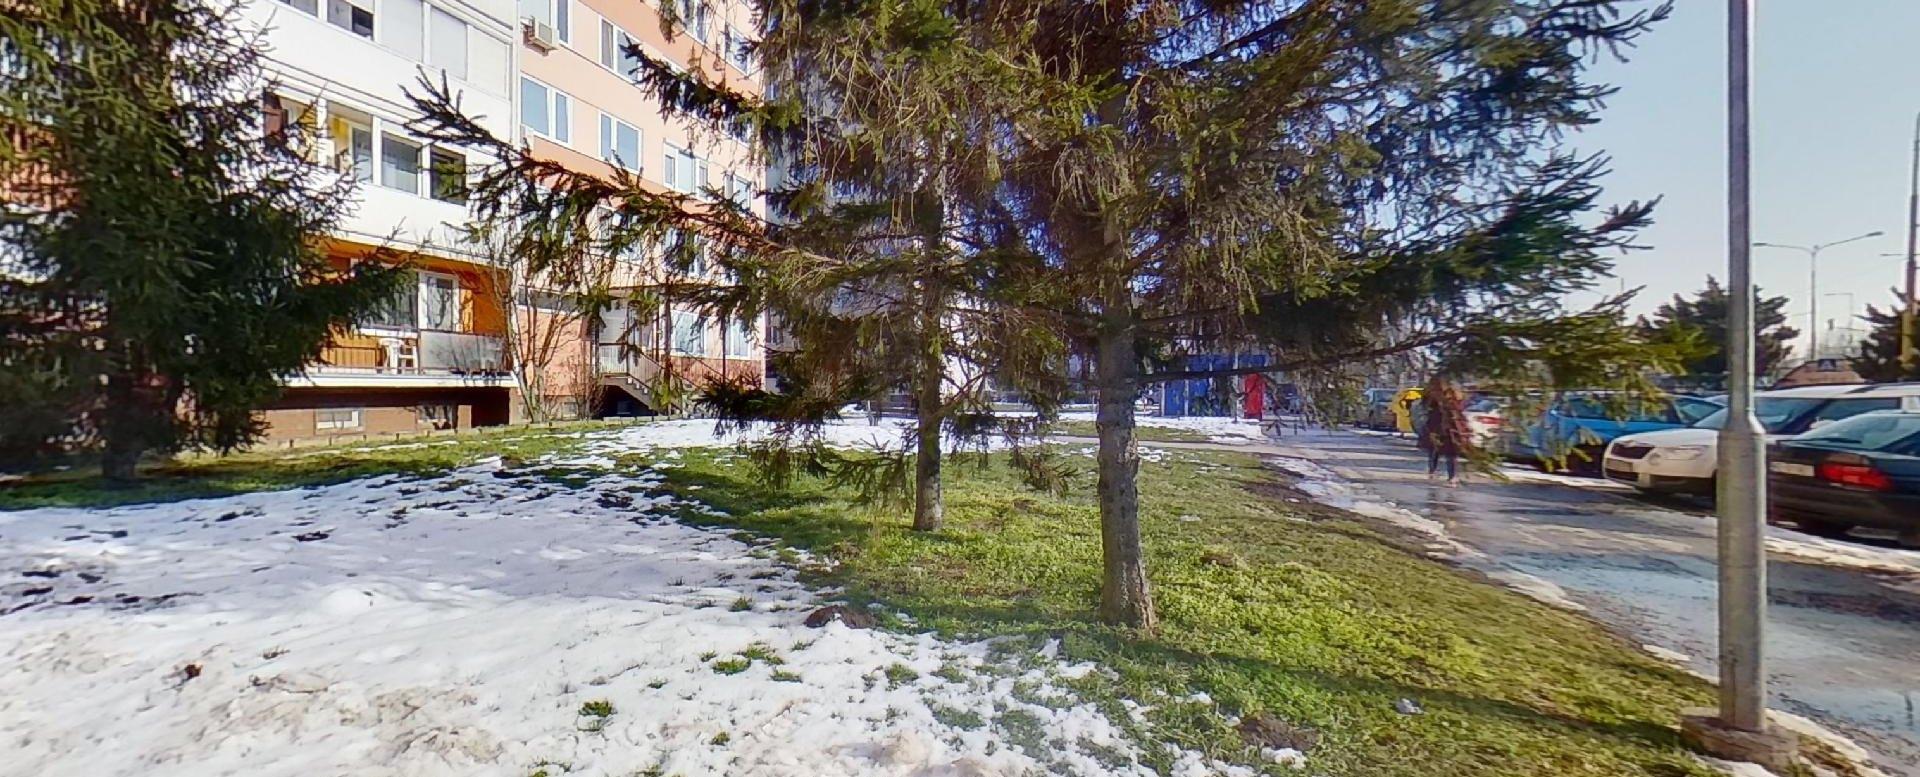 Zeleň pred bytovým domom